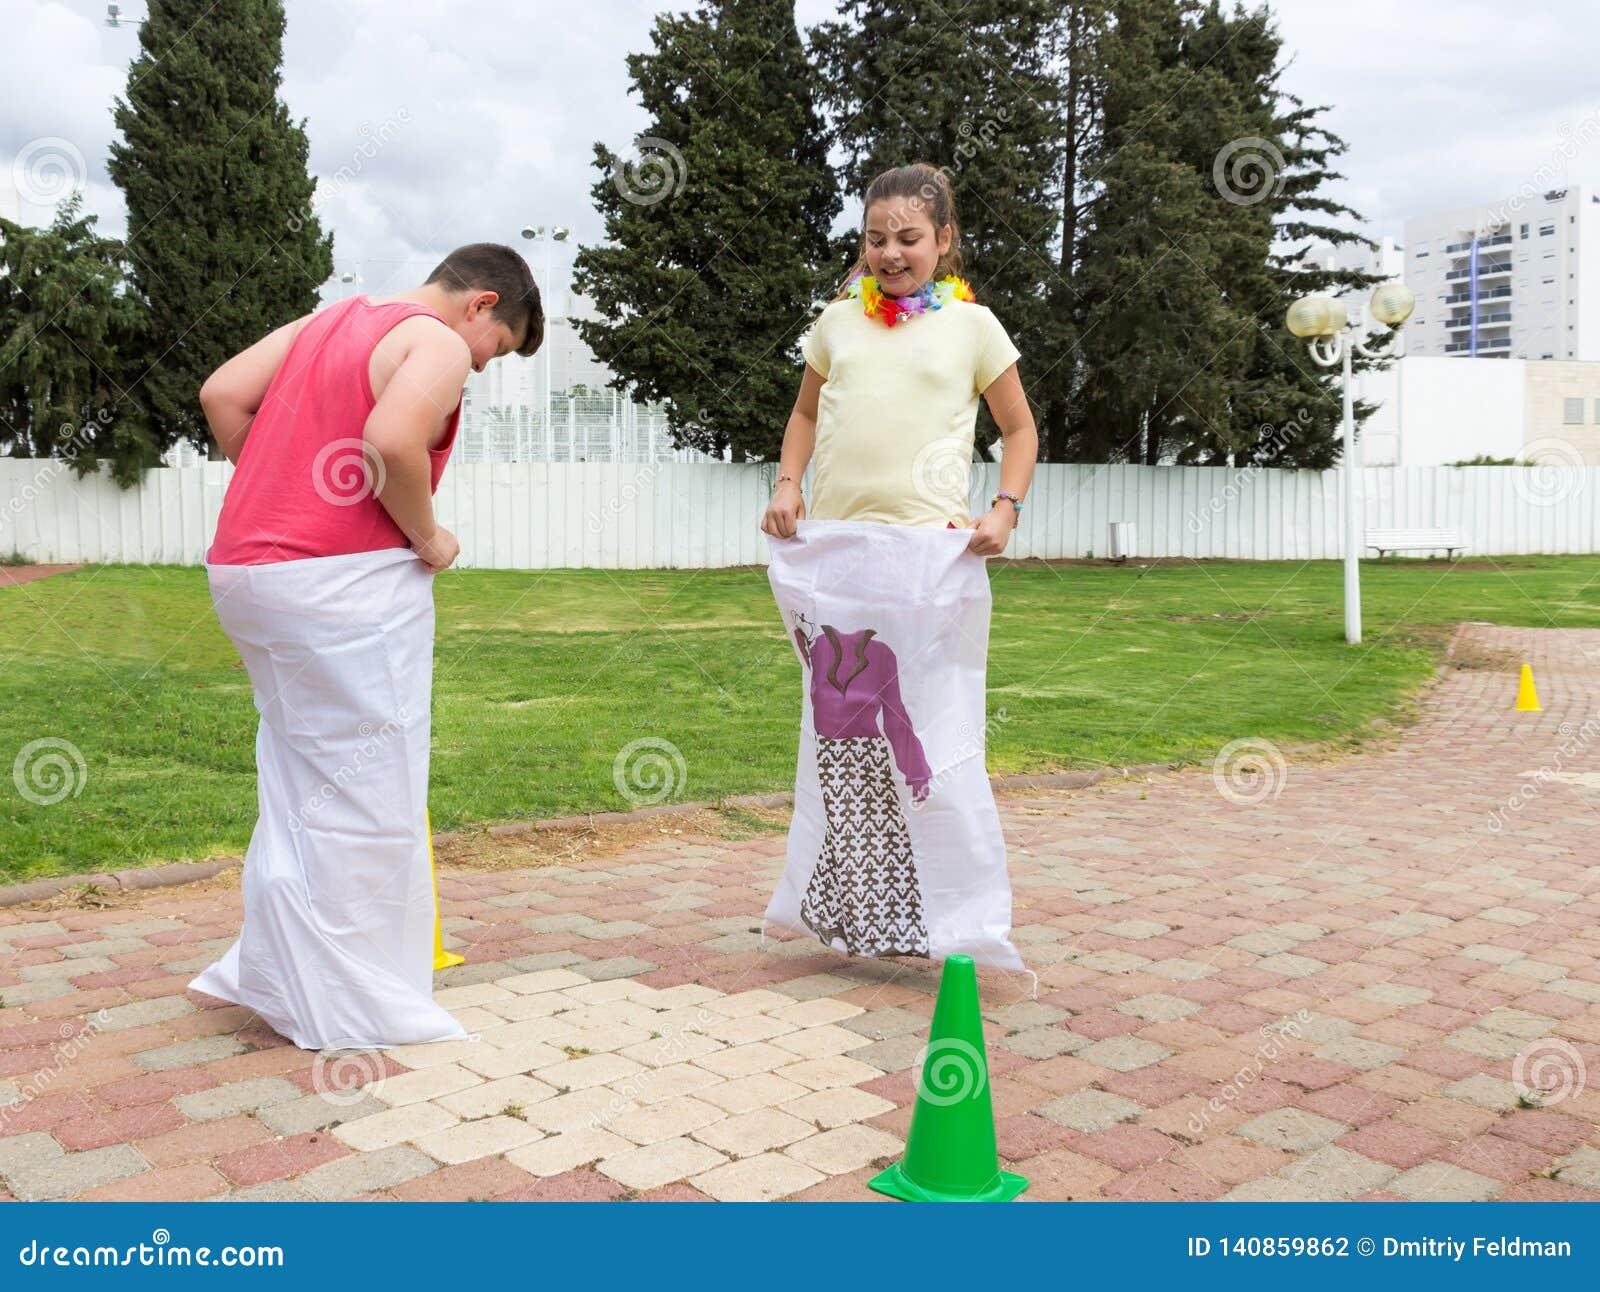 Le garçon et la fille concurrencent en sautant dans les sacs en parc public à Nahariya, Isarel